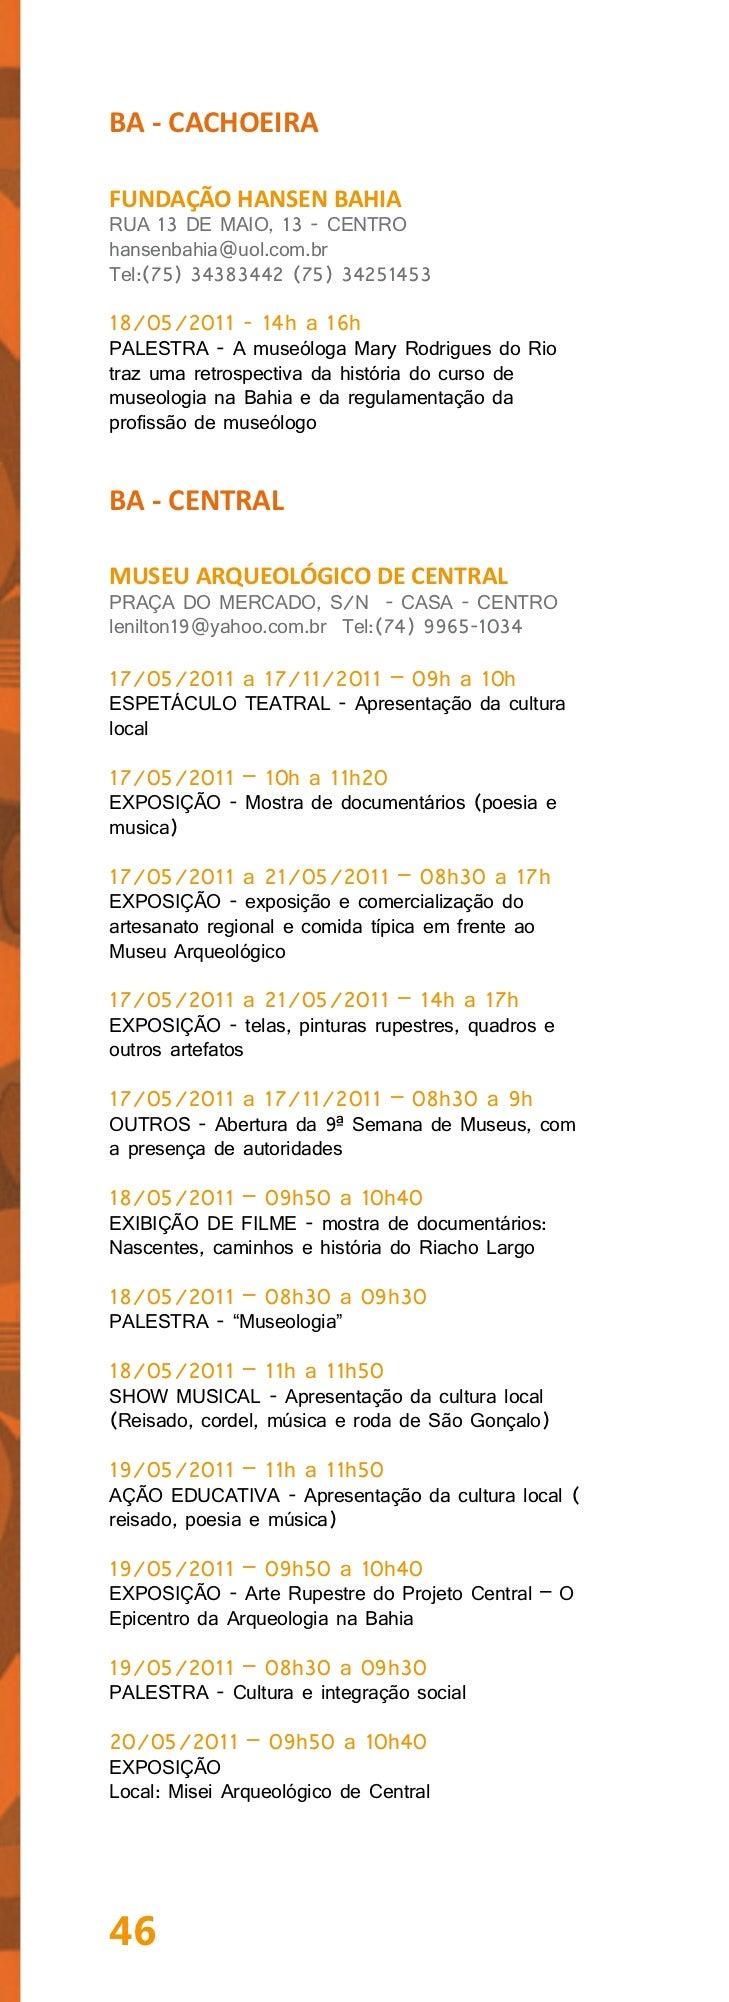 20/05/2011 – 11h a 11h50EXPOSIÇÃO - Apresentação da cultura local20/05/2011 – 08h30 a 09h30PALESTRA - Meio Ambiente e inte...